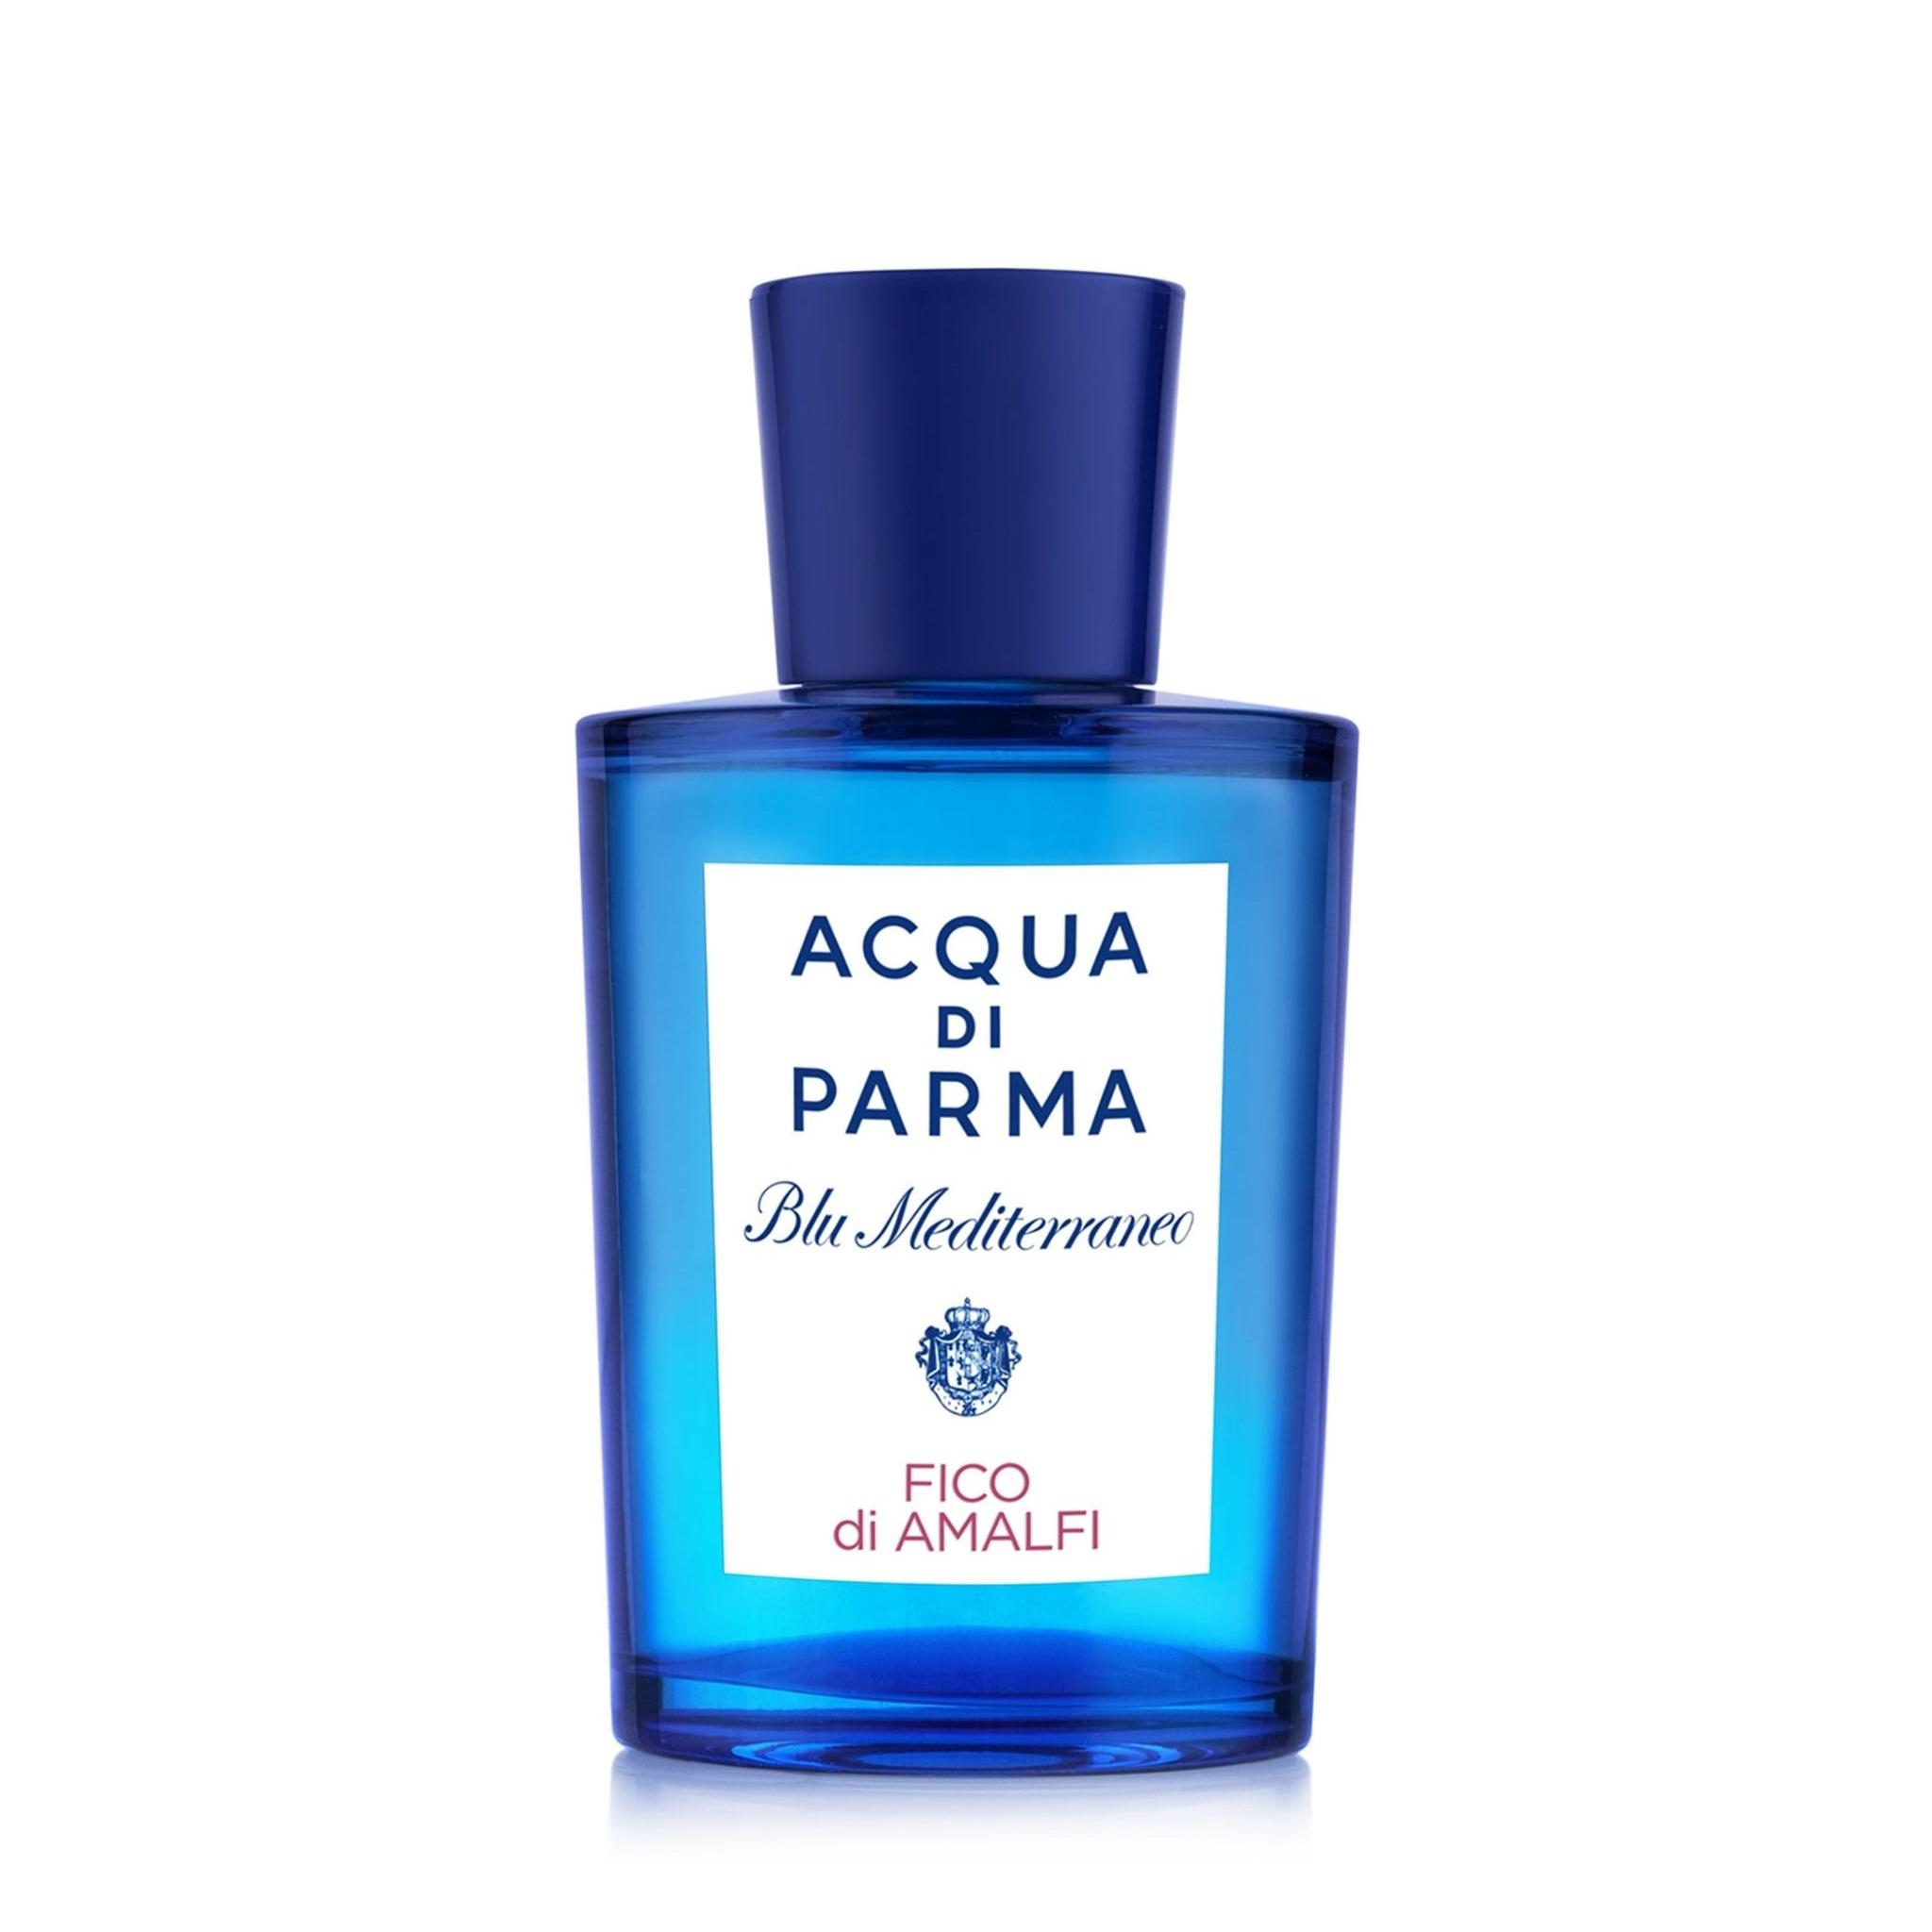 好价!【免税直邮】ACQUA DI PARMA 帕尔玛之水 蓝色地中海 阿玛菲无花果 淡香水 150ml (简装)